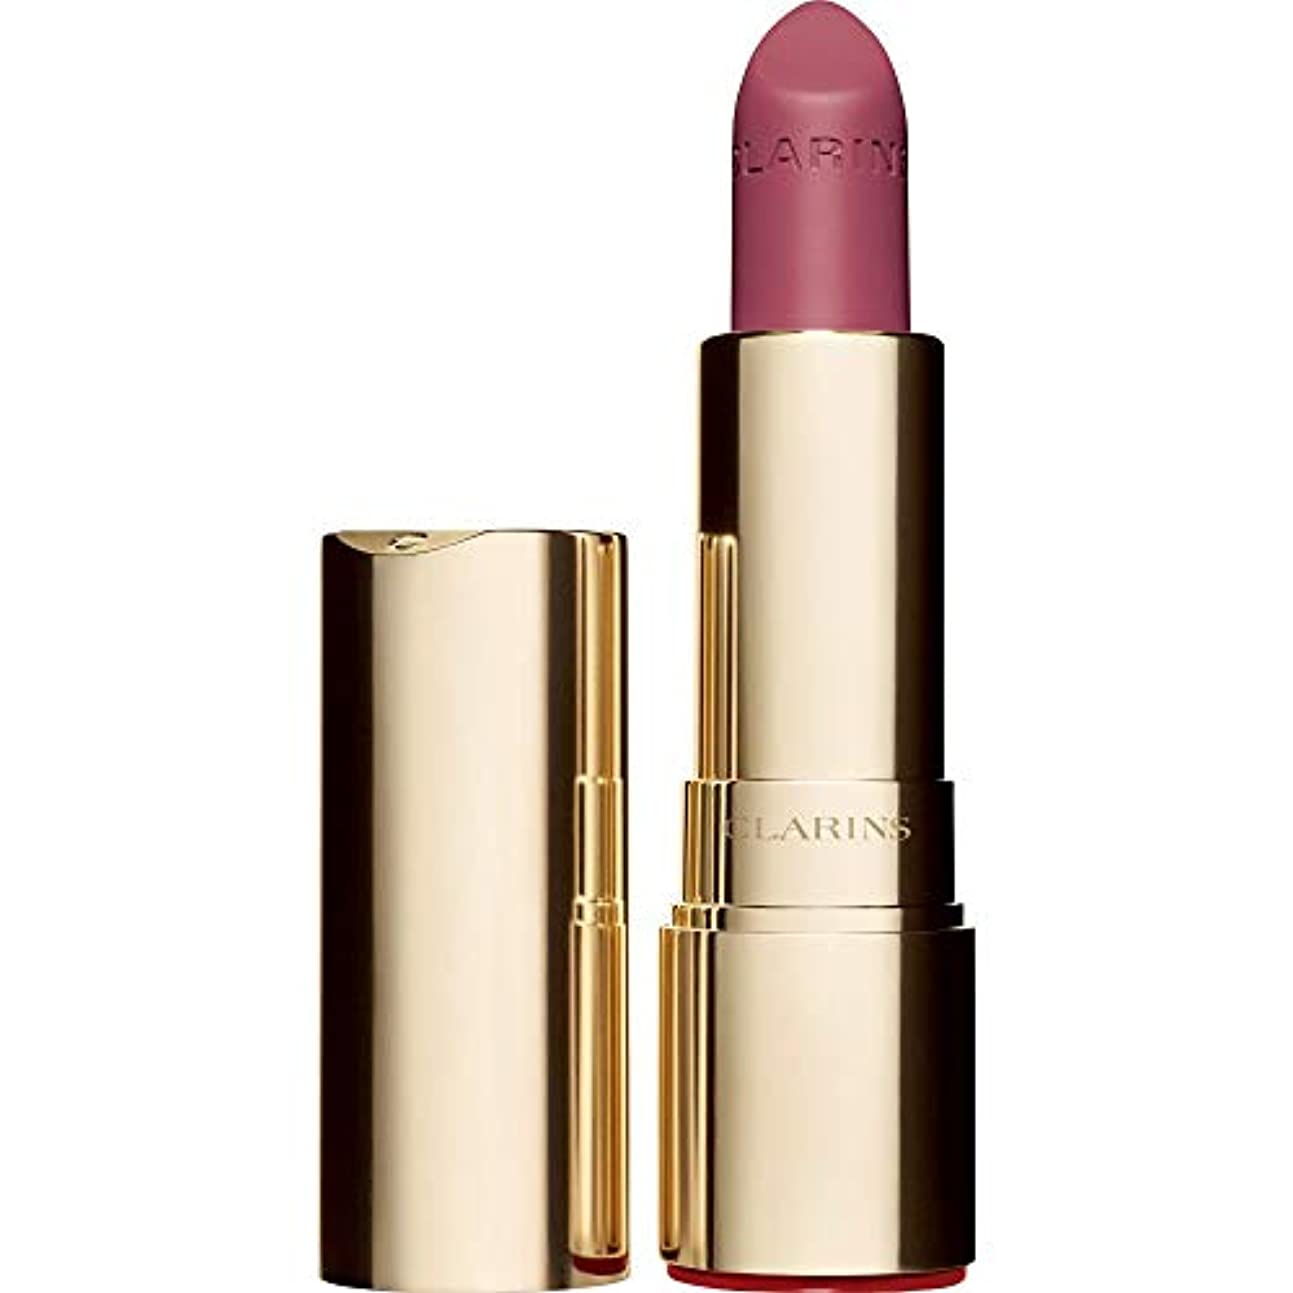 残高余暇報奨金[Clarins ] クラランスジョリルージュのベルベットの口紅3.5グラムの755V - レイシ - Clarins Joli Rouge Velvet Lipstick 3.5g 755V - Litchi [並行輸入品]